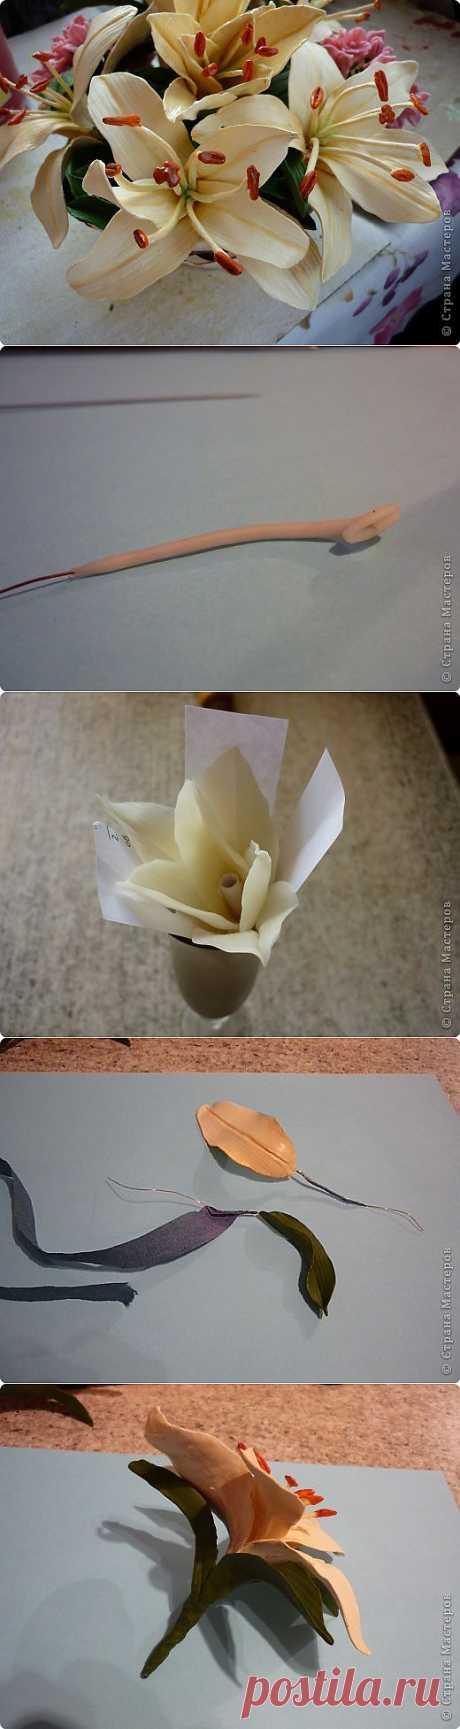 МК как сделать лилию.